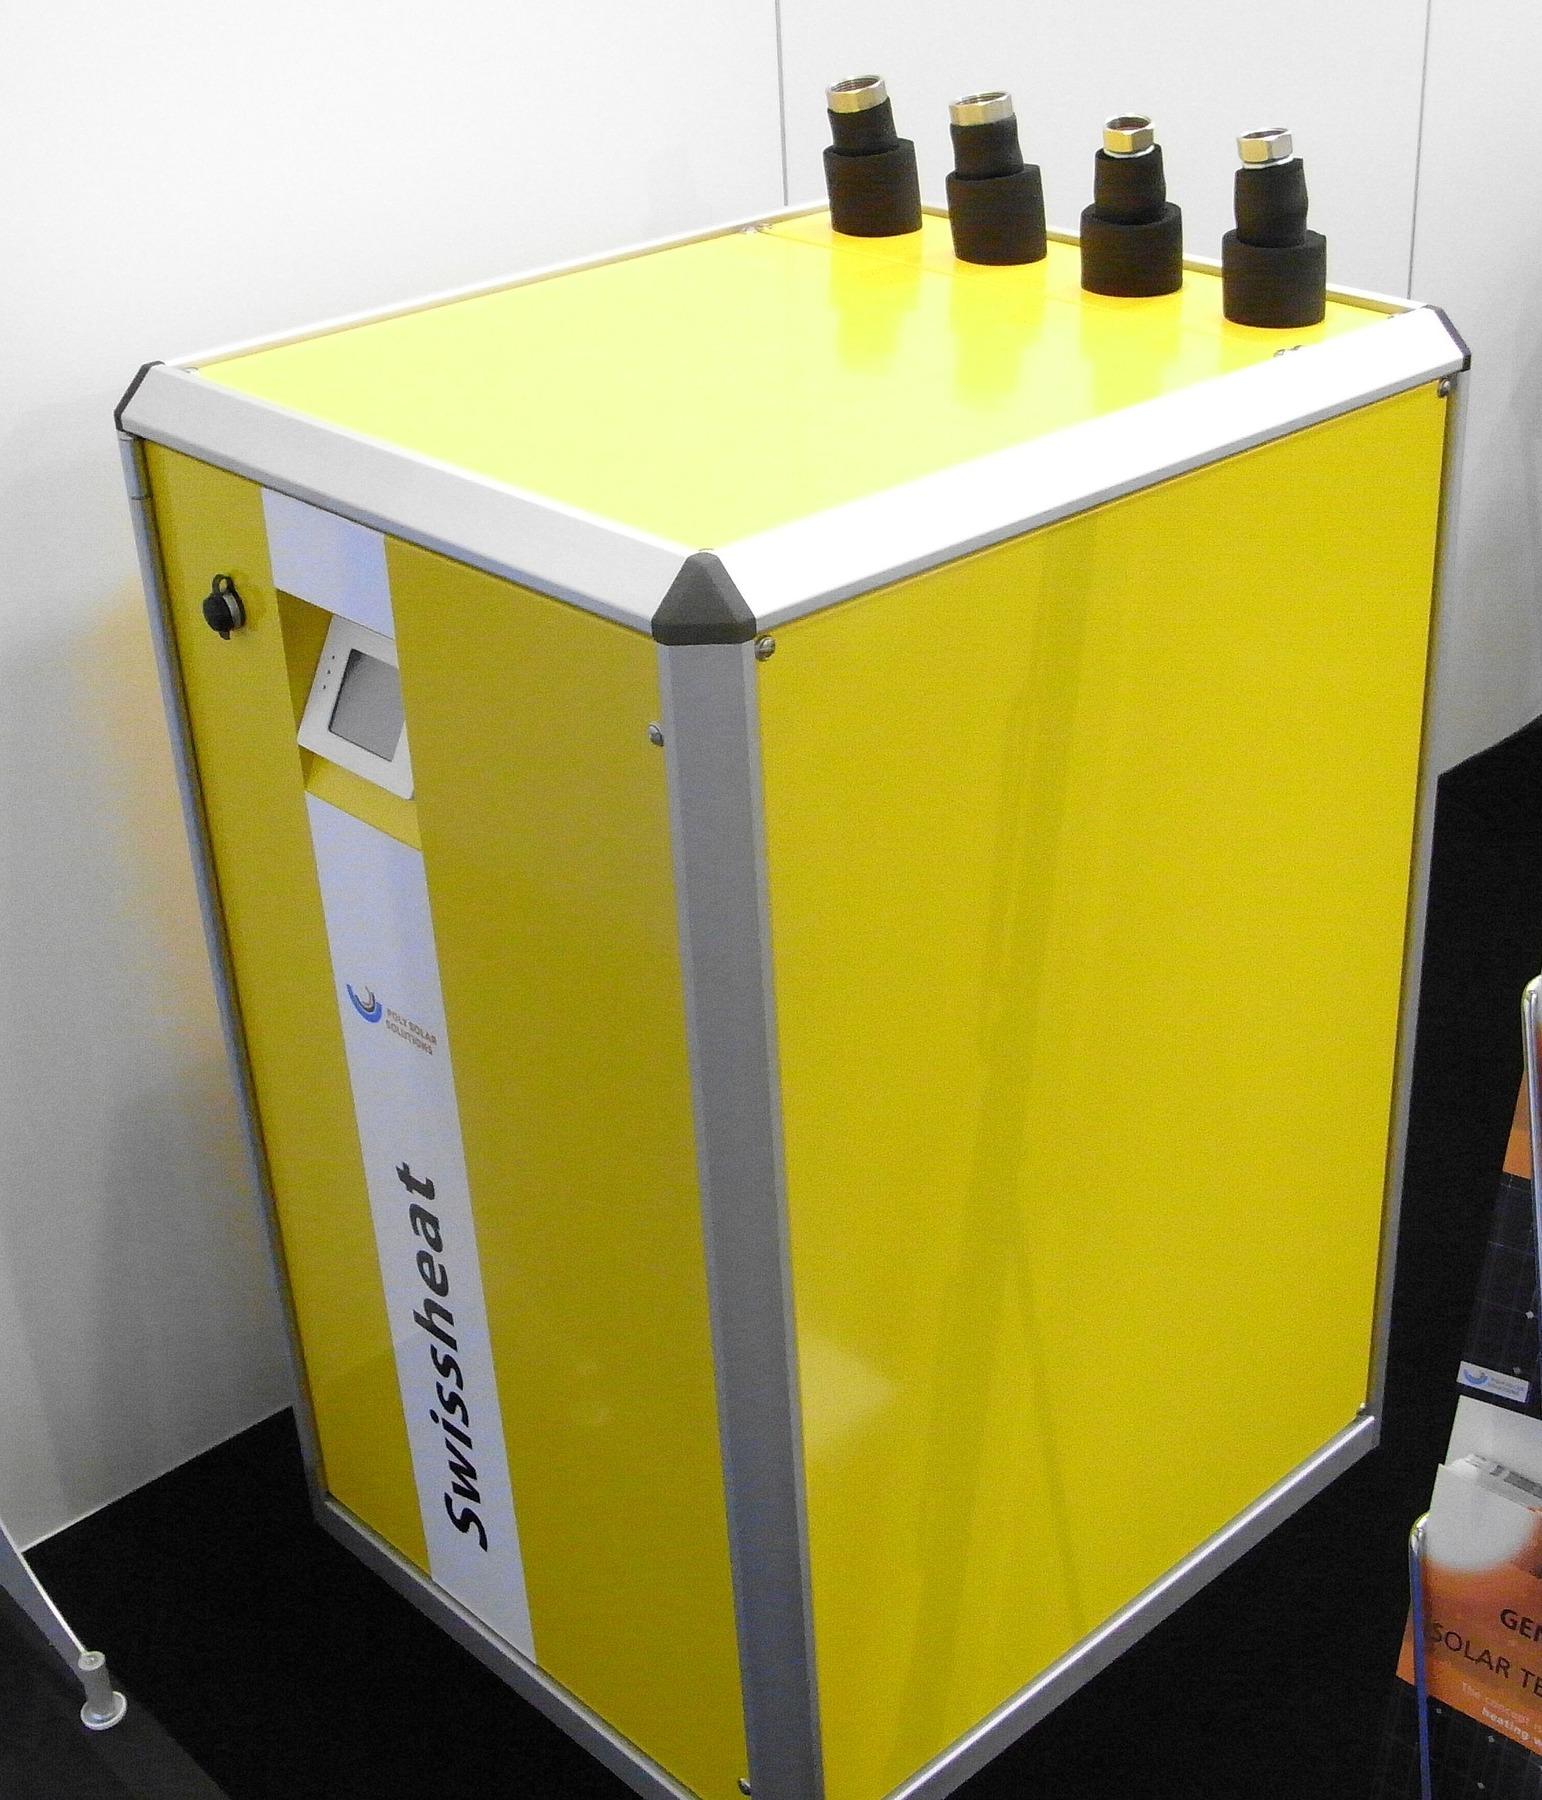 Wärme Und Natürlichkeit: Combi Solarmodul Für Strom Und Wärme